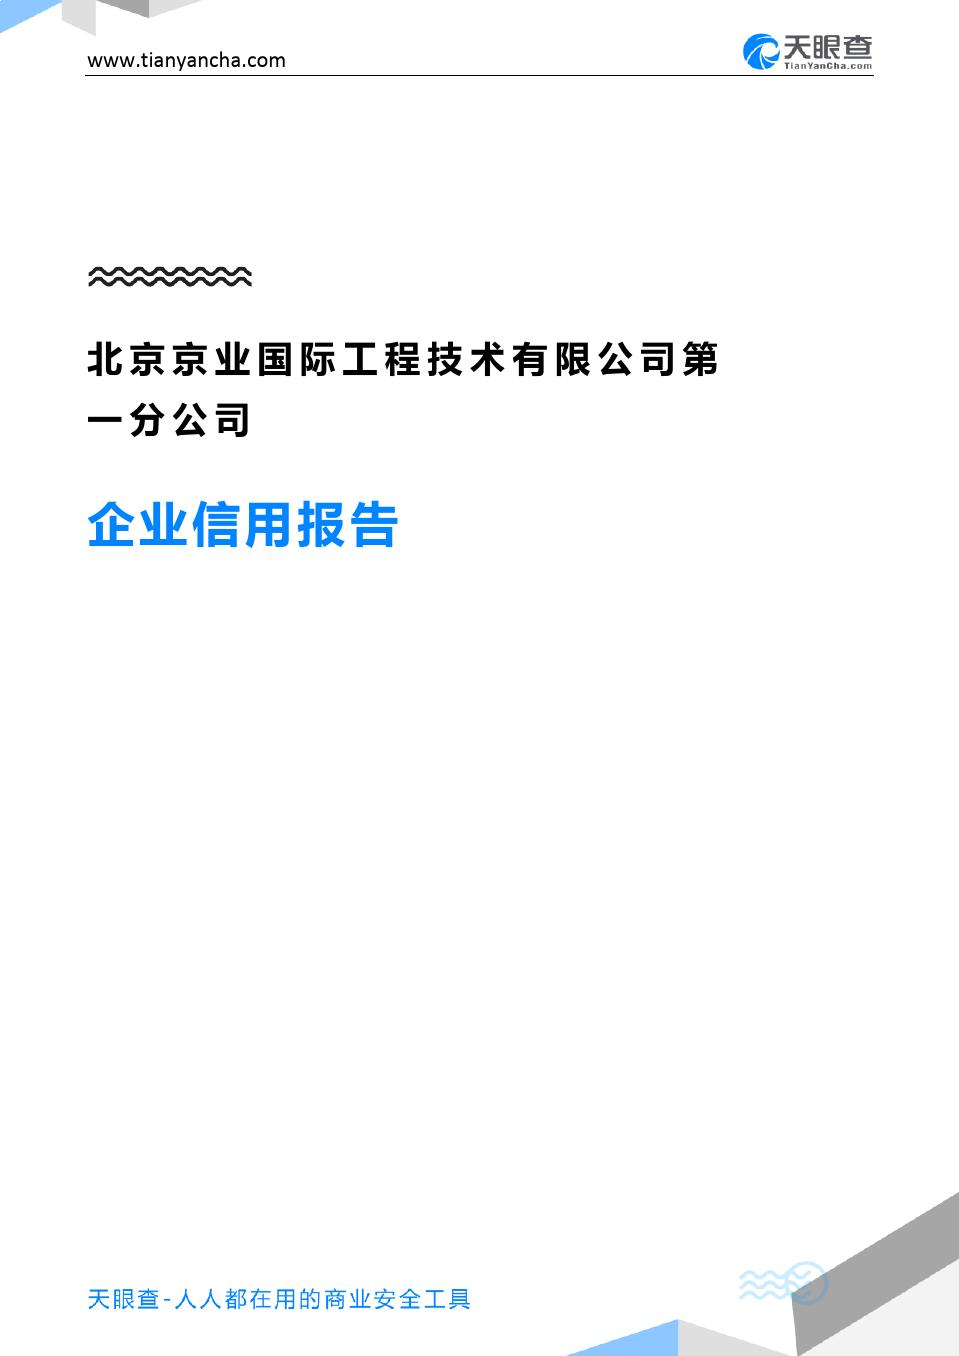 北京京业国际工程技术有限公司第一分公司(企业信用报告)- 天眼查